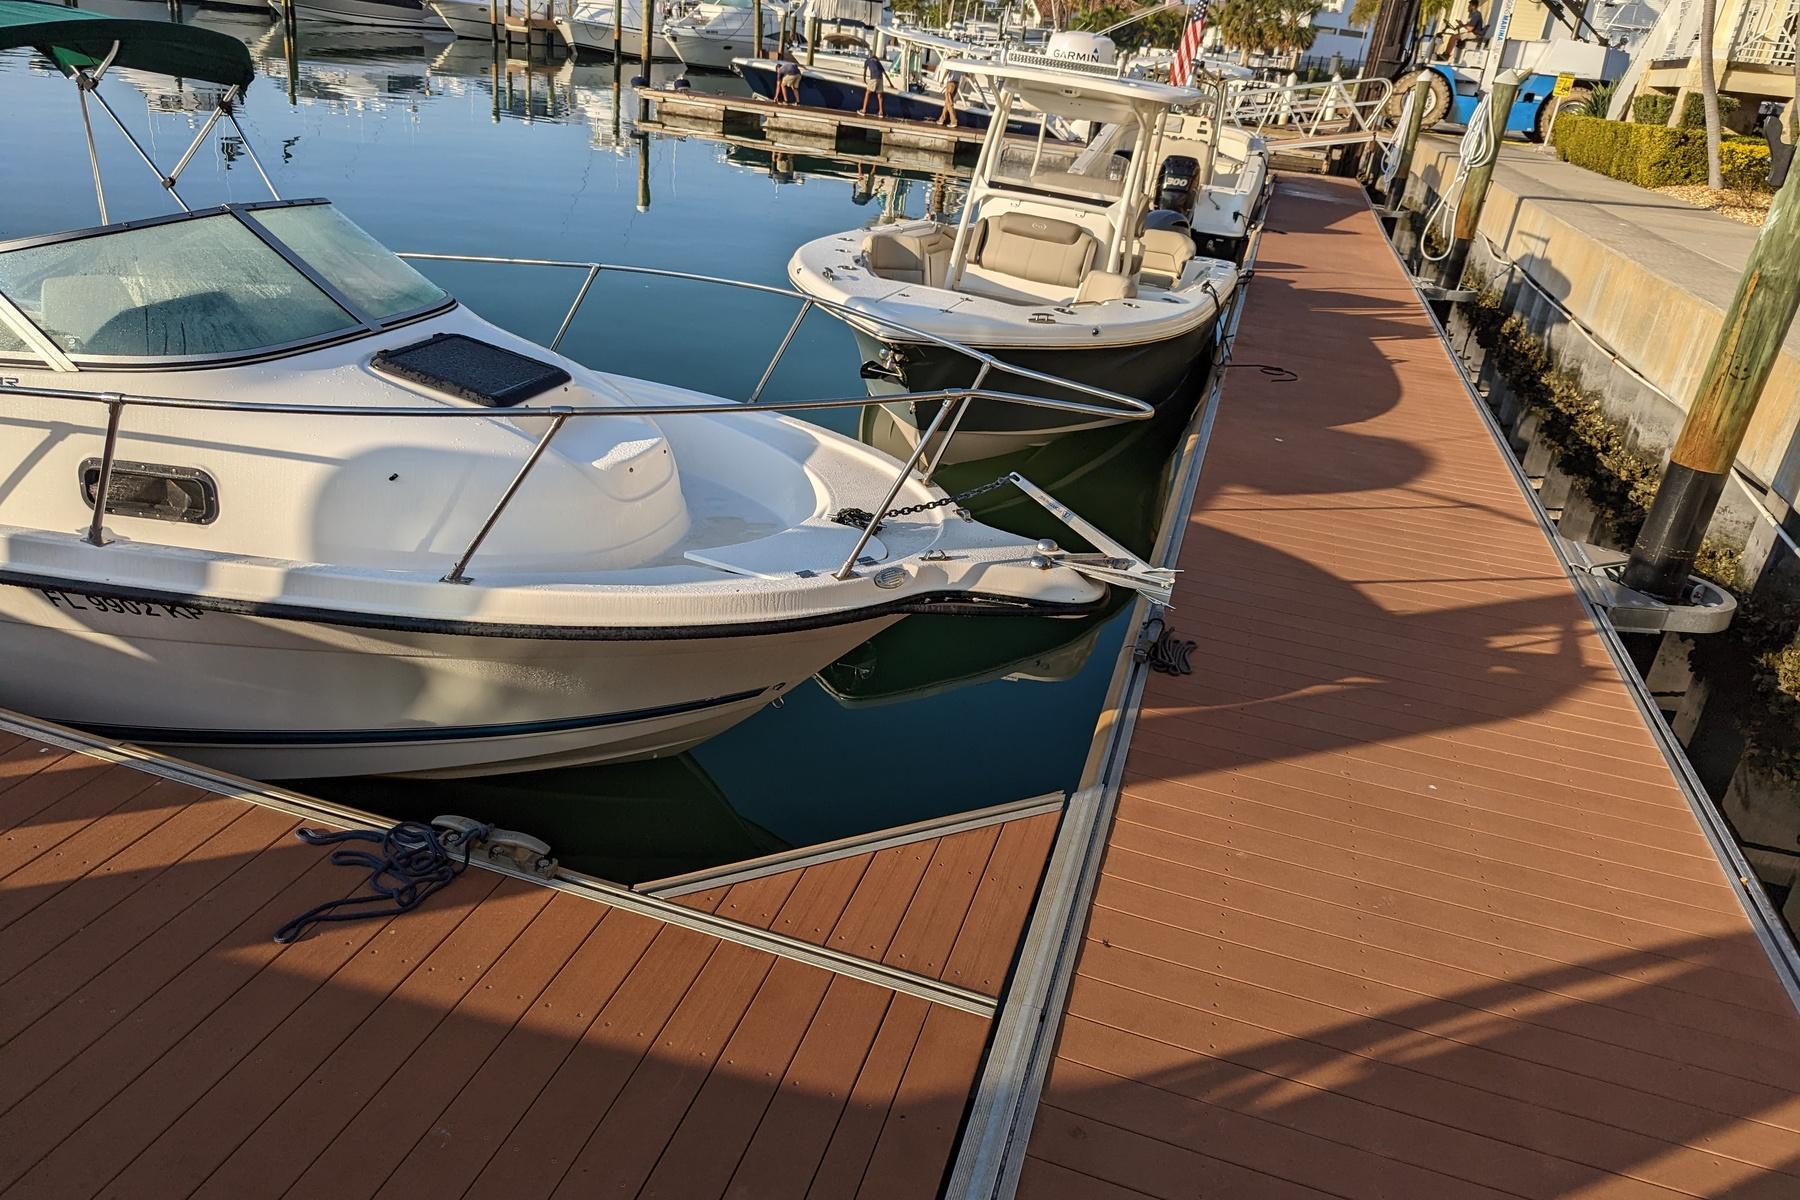 Yamaha 242 Limited S - Boating World